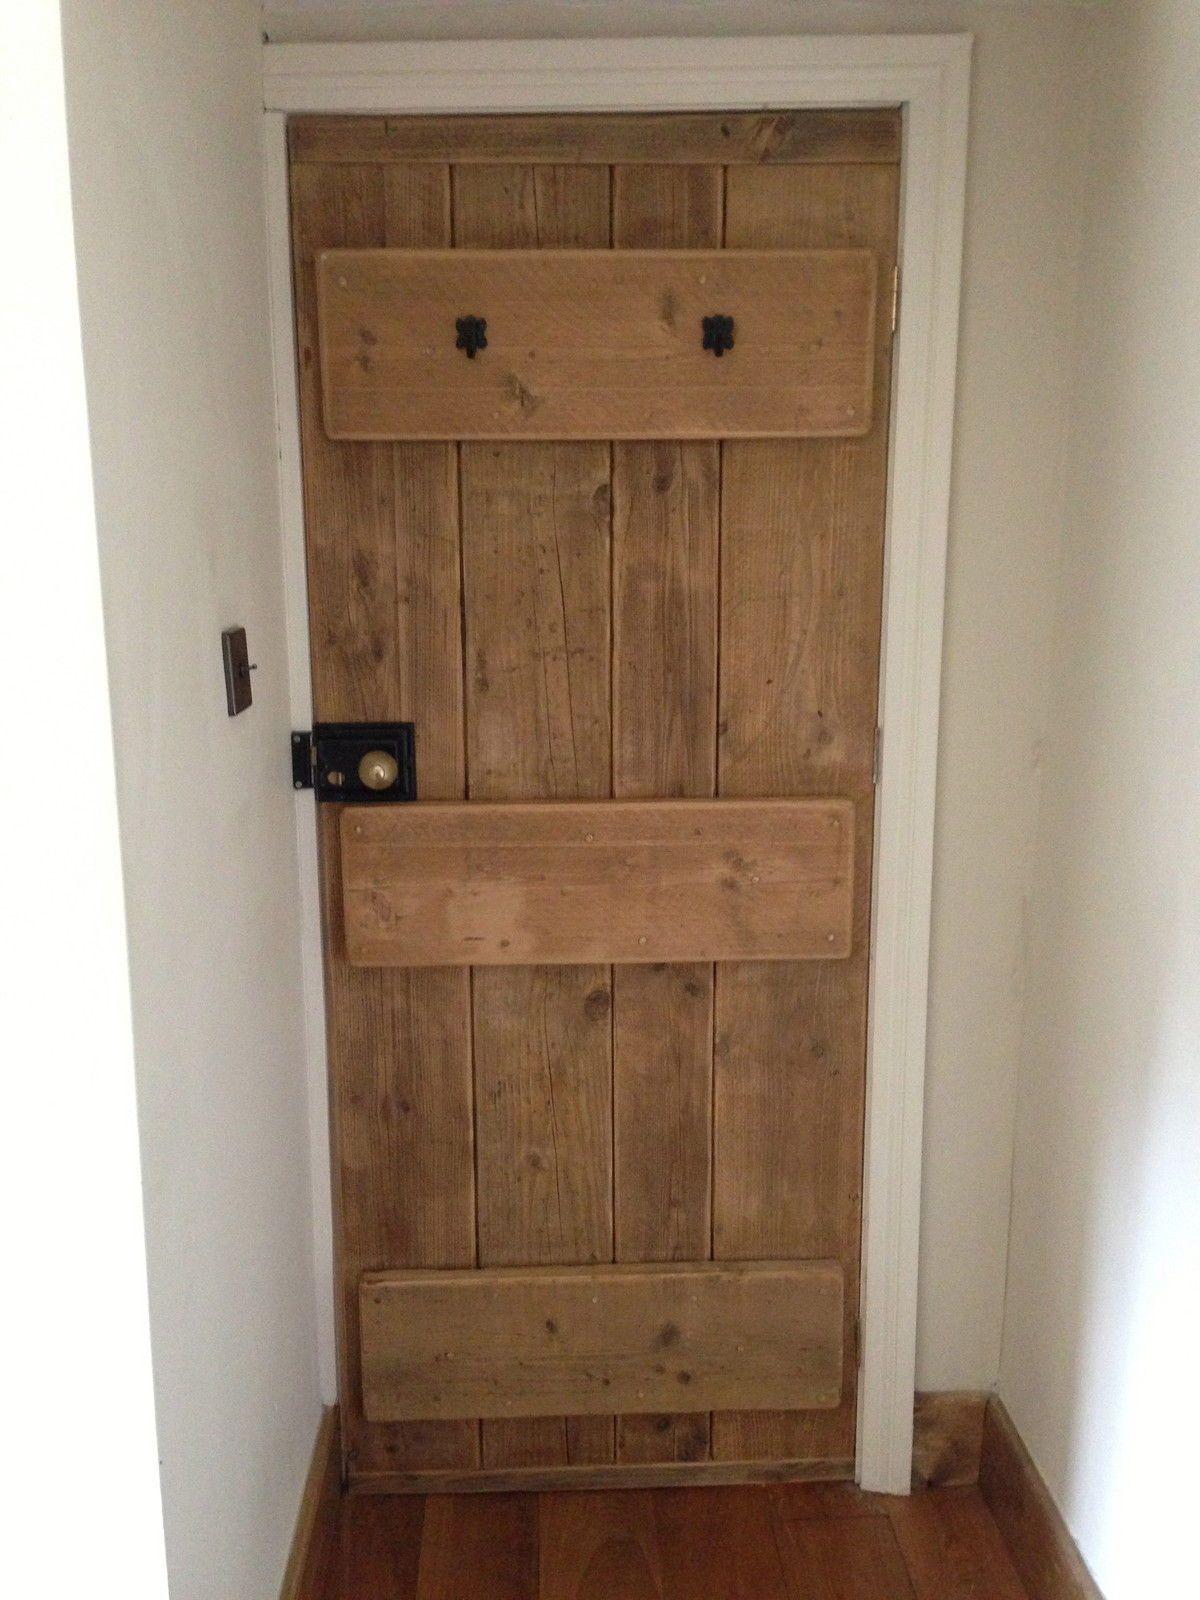 Reclaimed Ledge \u0026 Brace Doors Made To Measure. & Reclaimed Ledge \u0026 Brace Doors Made To Measure | Doors Interior door ...